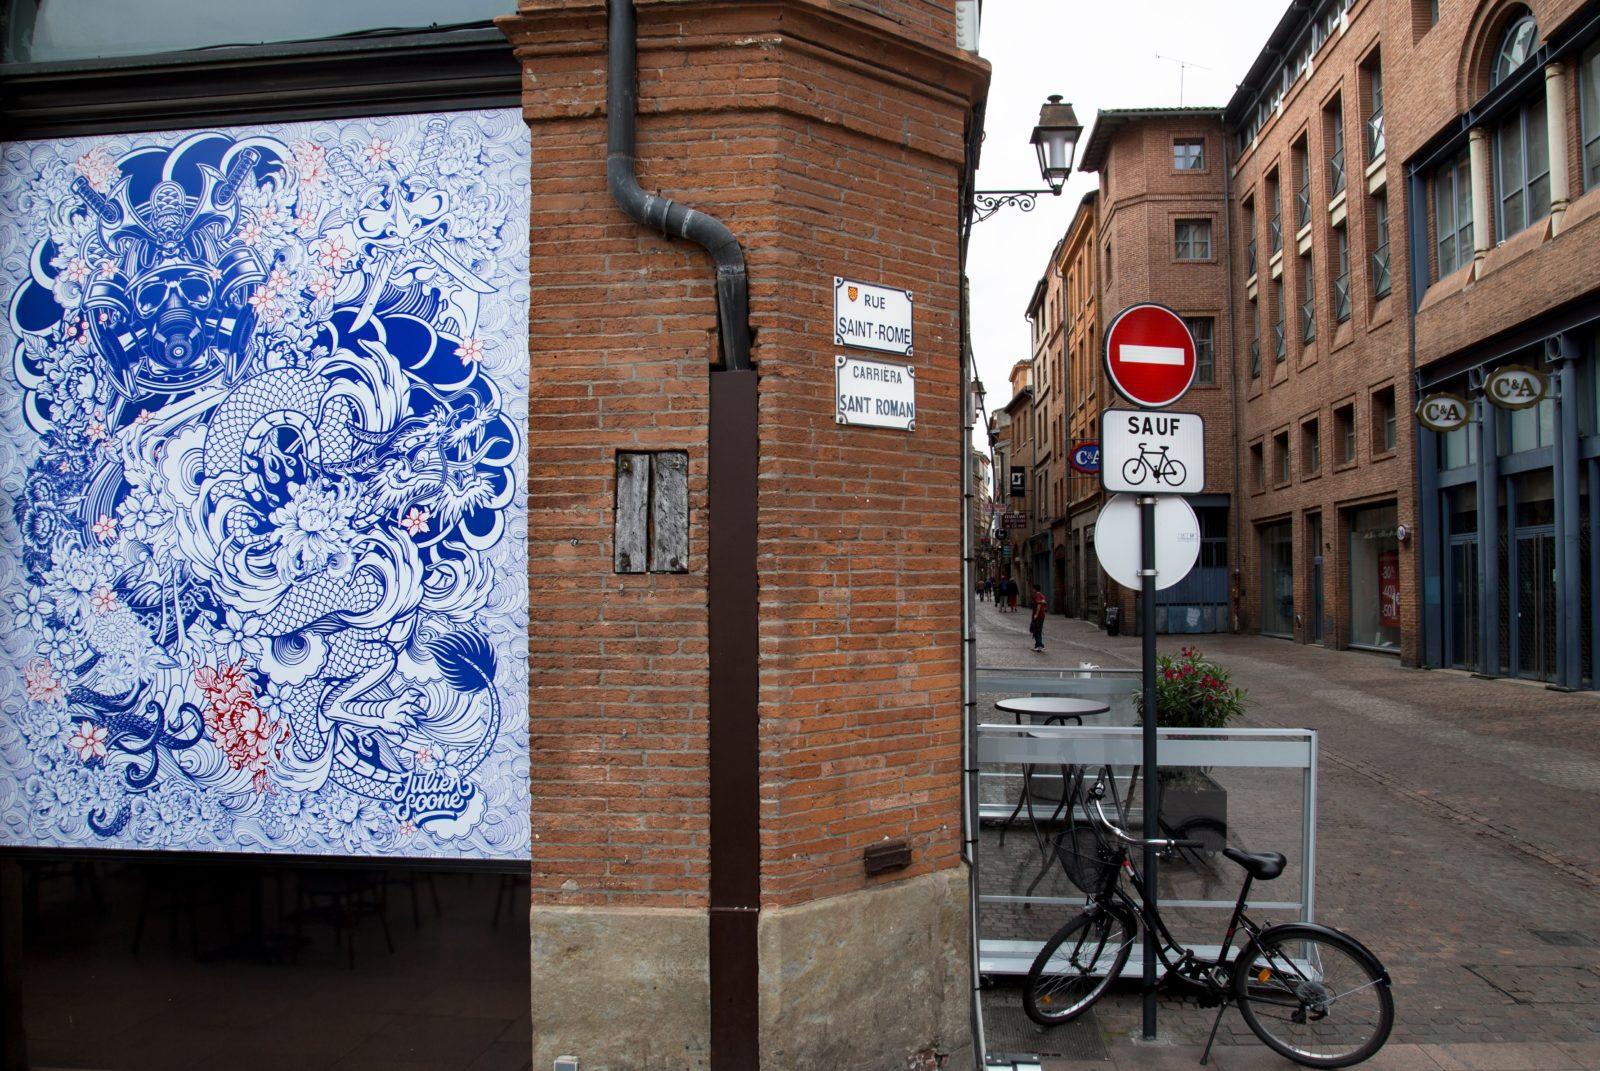 street art festival toulouse 31street oeuvre japonisant rue - #31 street, le festival d'art urbain qui colore la ville rose